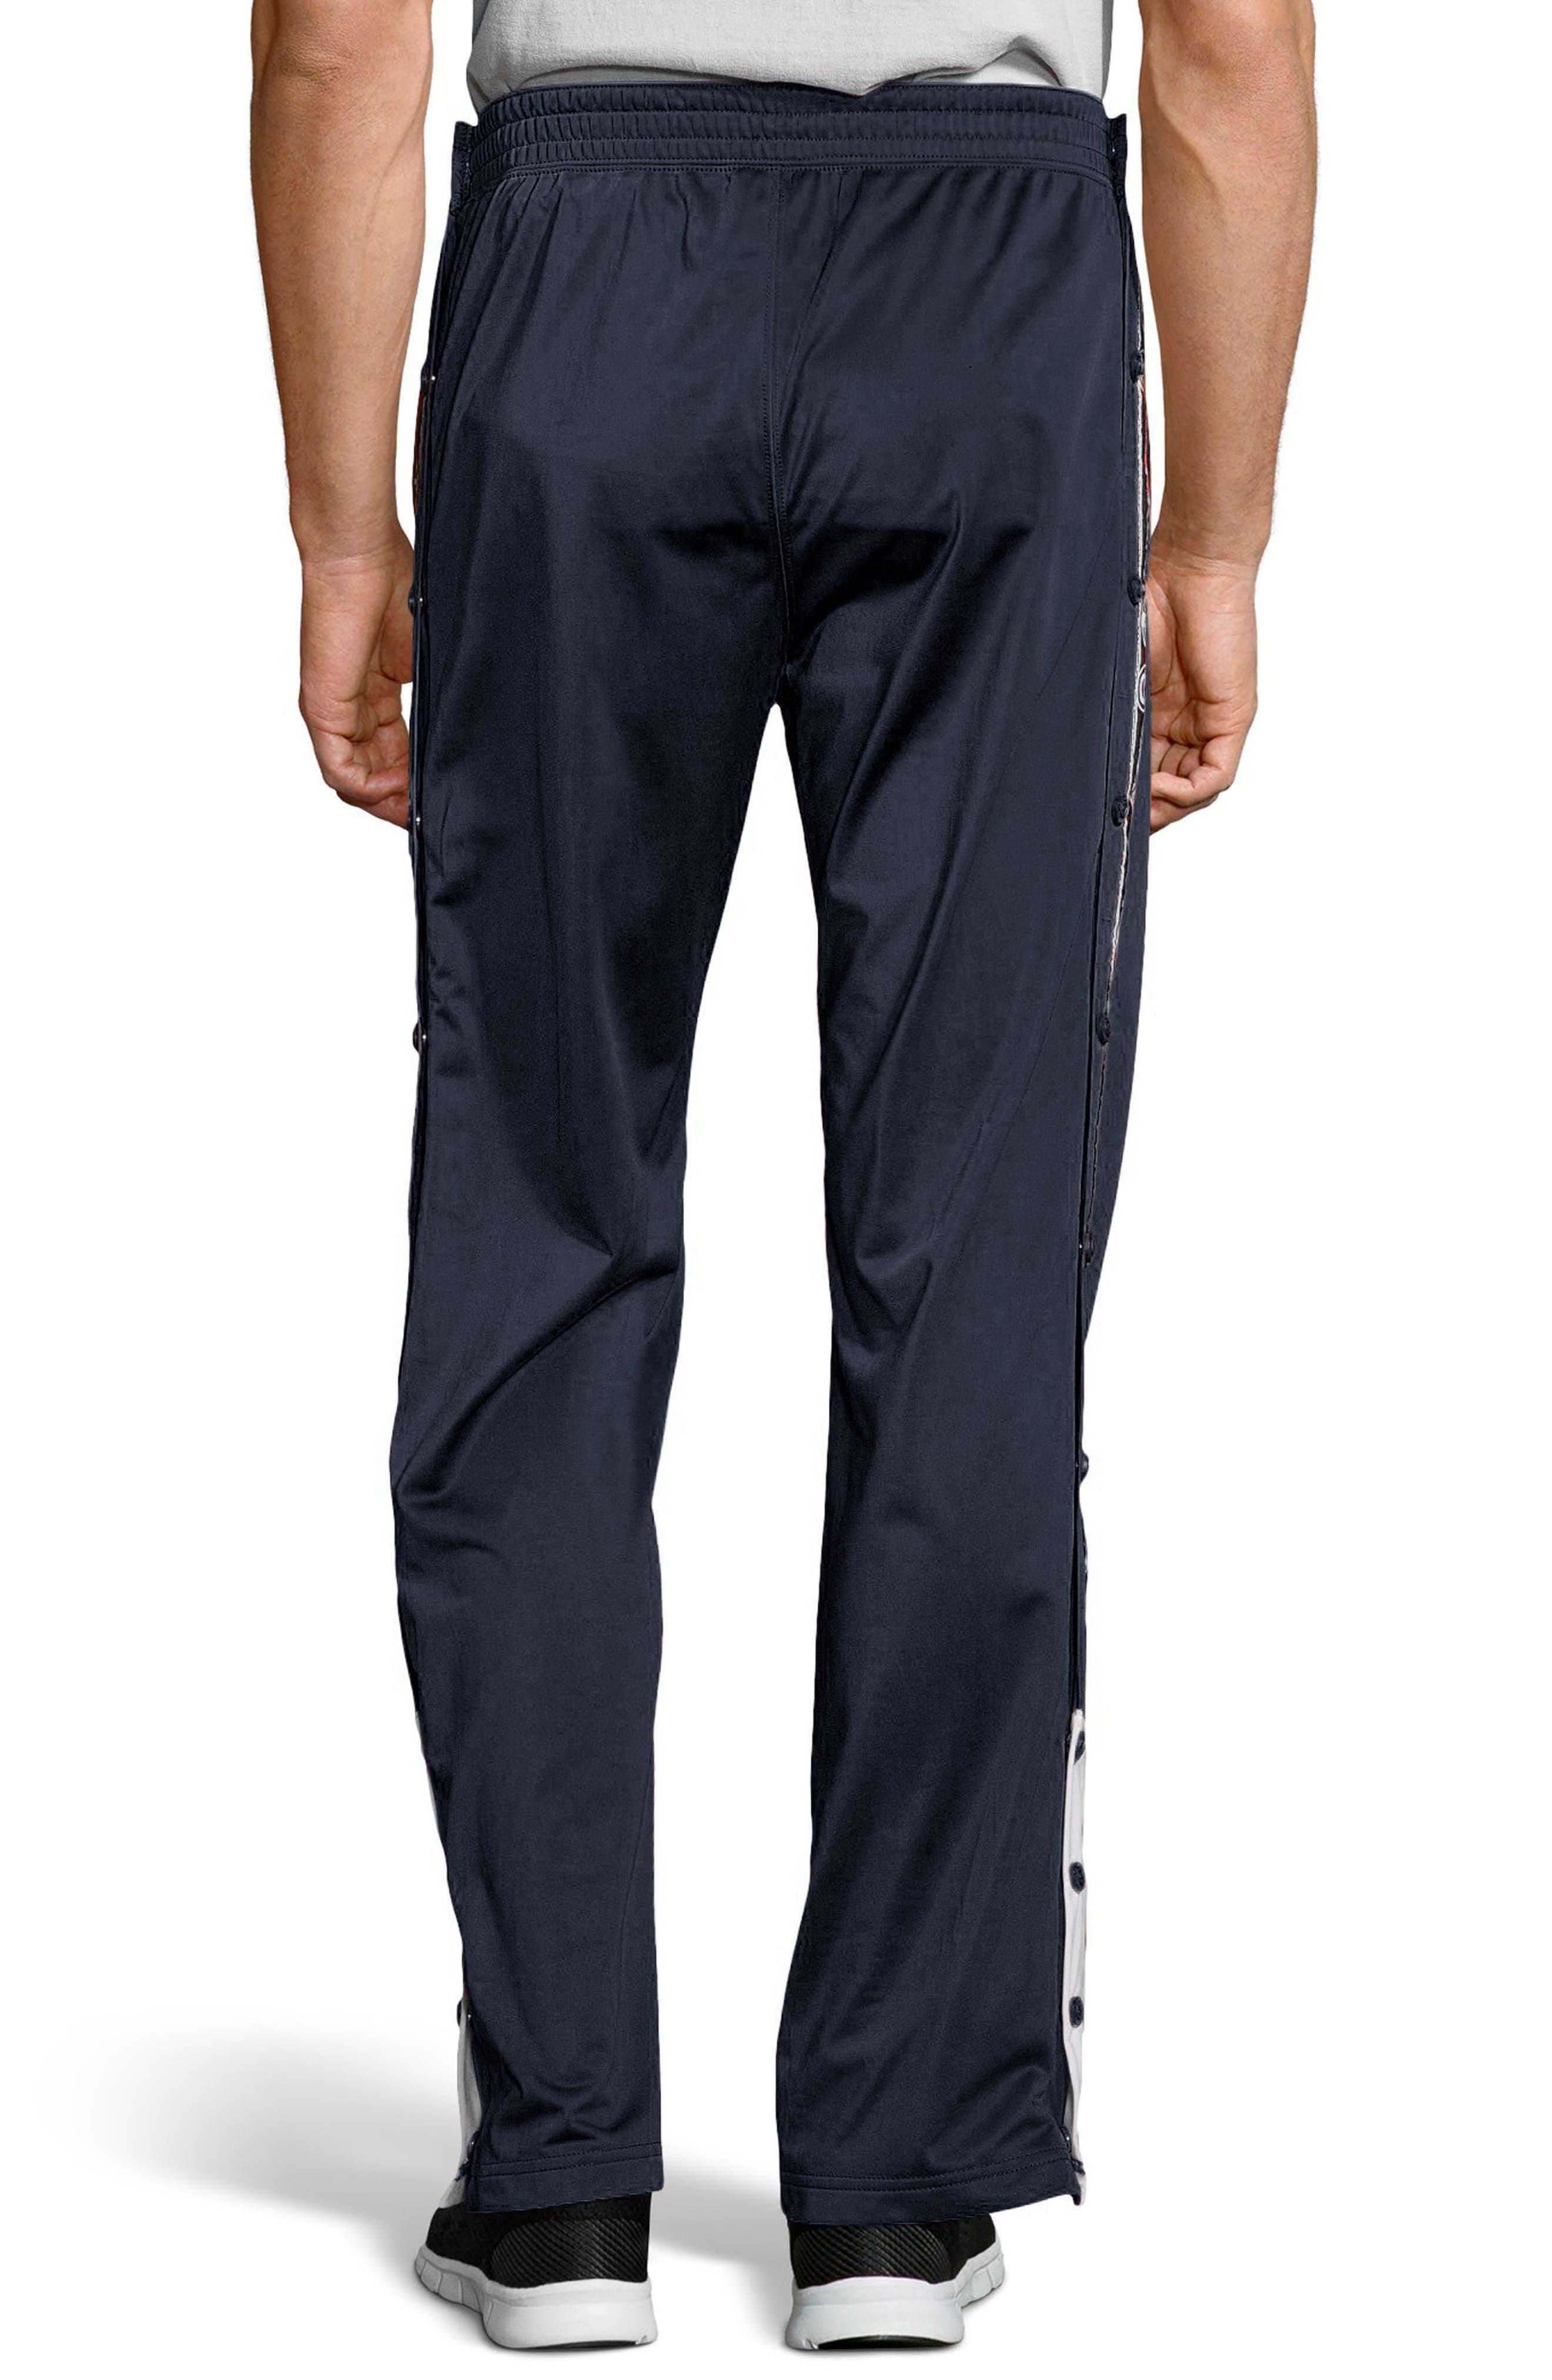 Polywarp Knit Pants,                             Alternate thumbnail 2, color,                             Navy